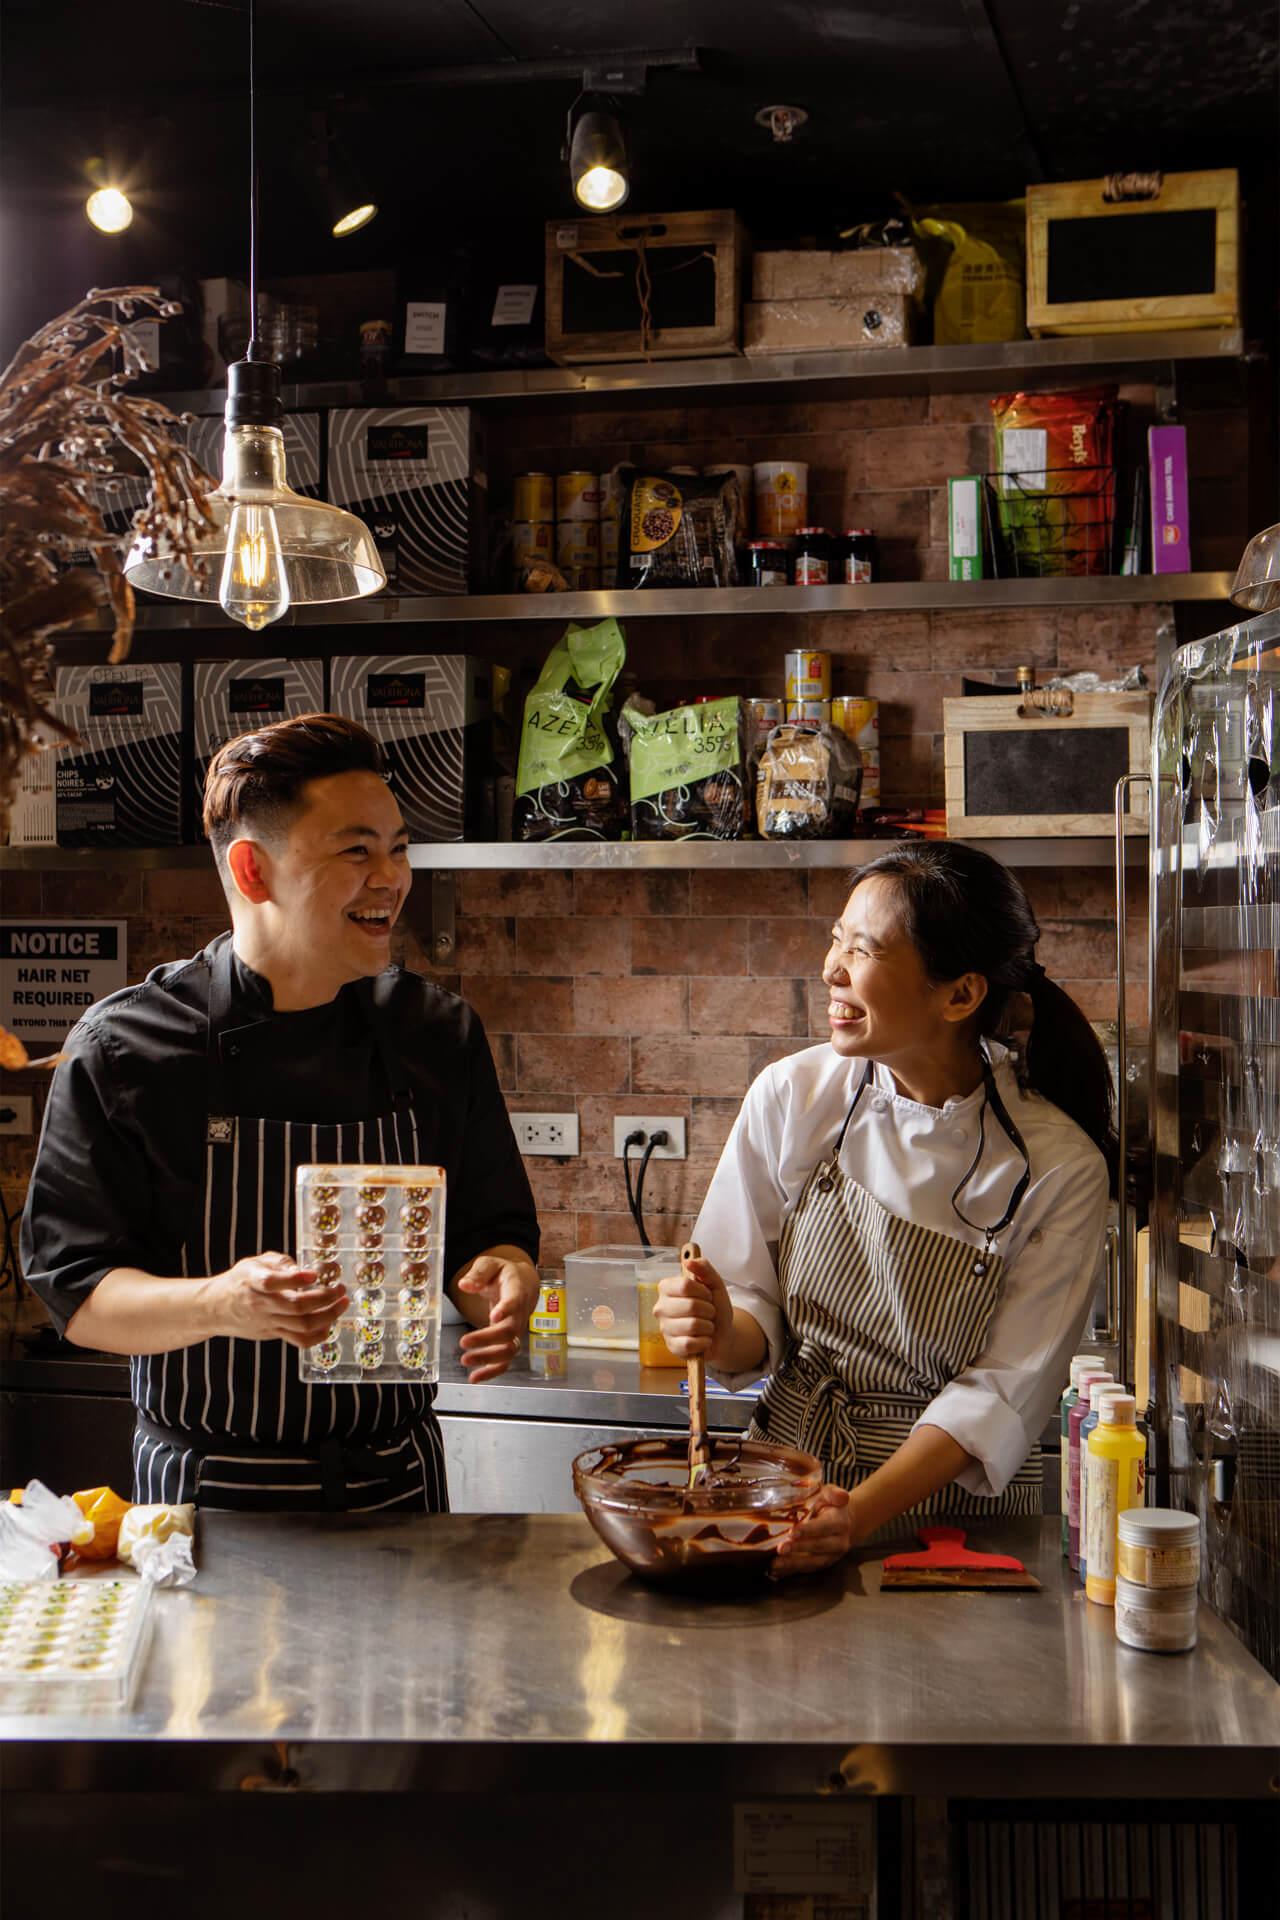 Chefs Miko Aspiras and Kristine Lotilla of Le Petite Souffle and Poison Doughnuts